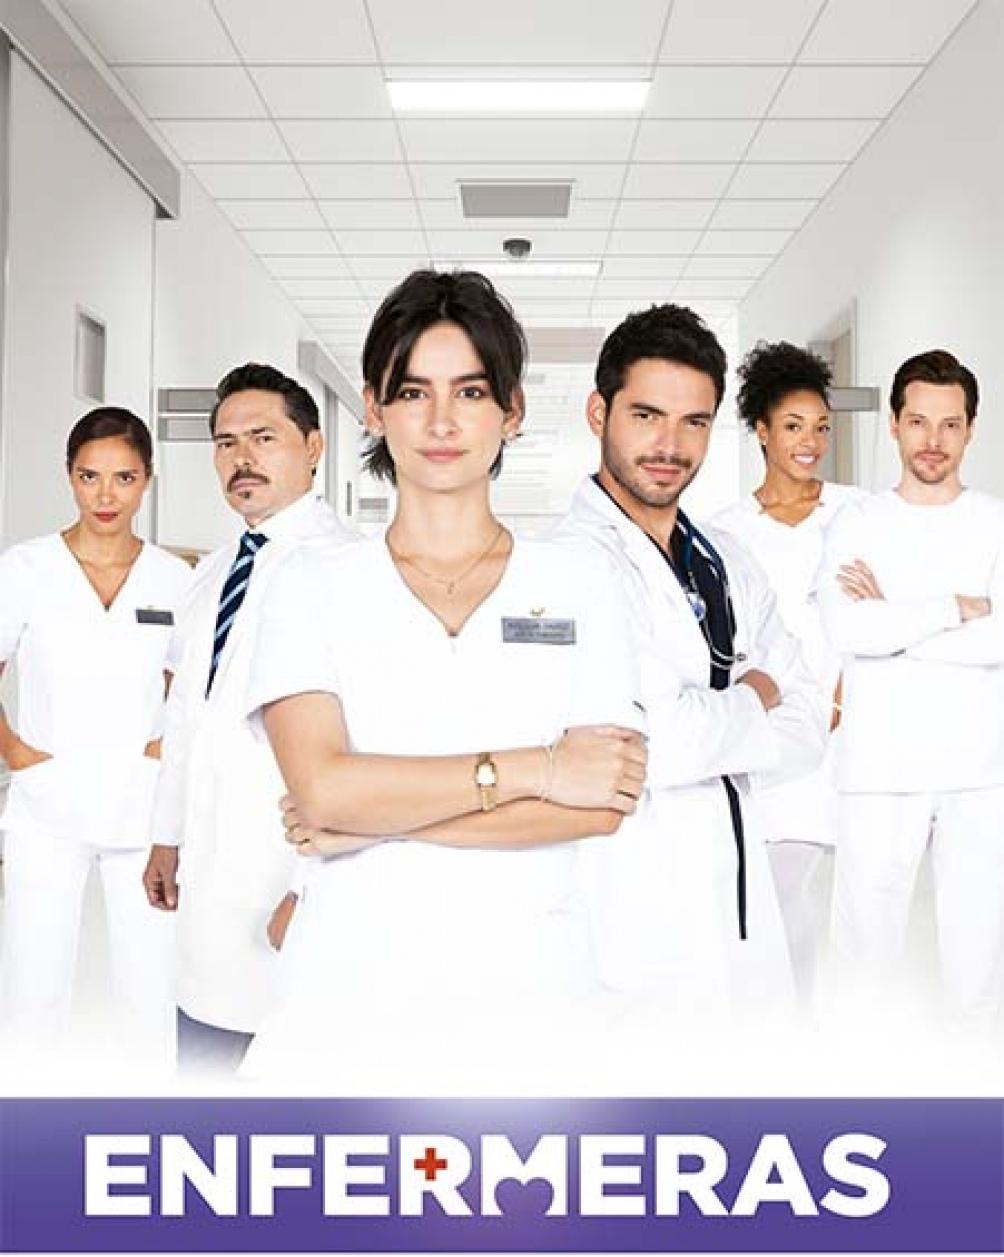 """""""Enfermeras"""", una historia dramática de Telemundo (Canal 331 de Cablevisión, 231 de DirecTv, y 308 de Telecentro)."""